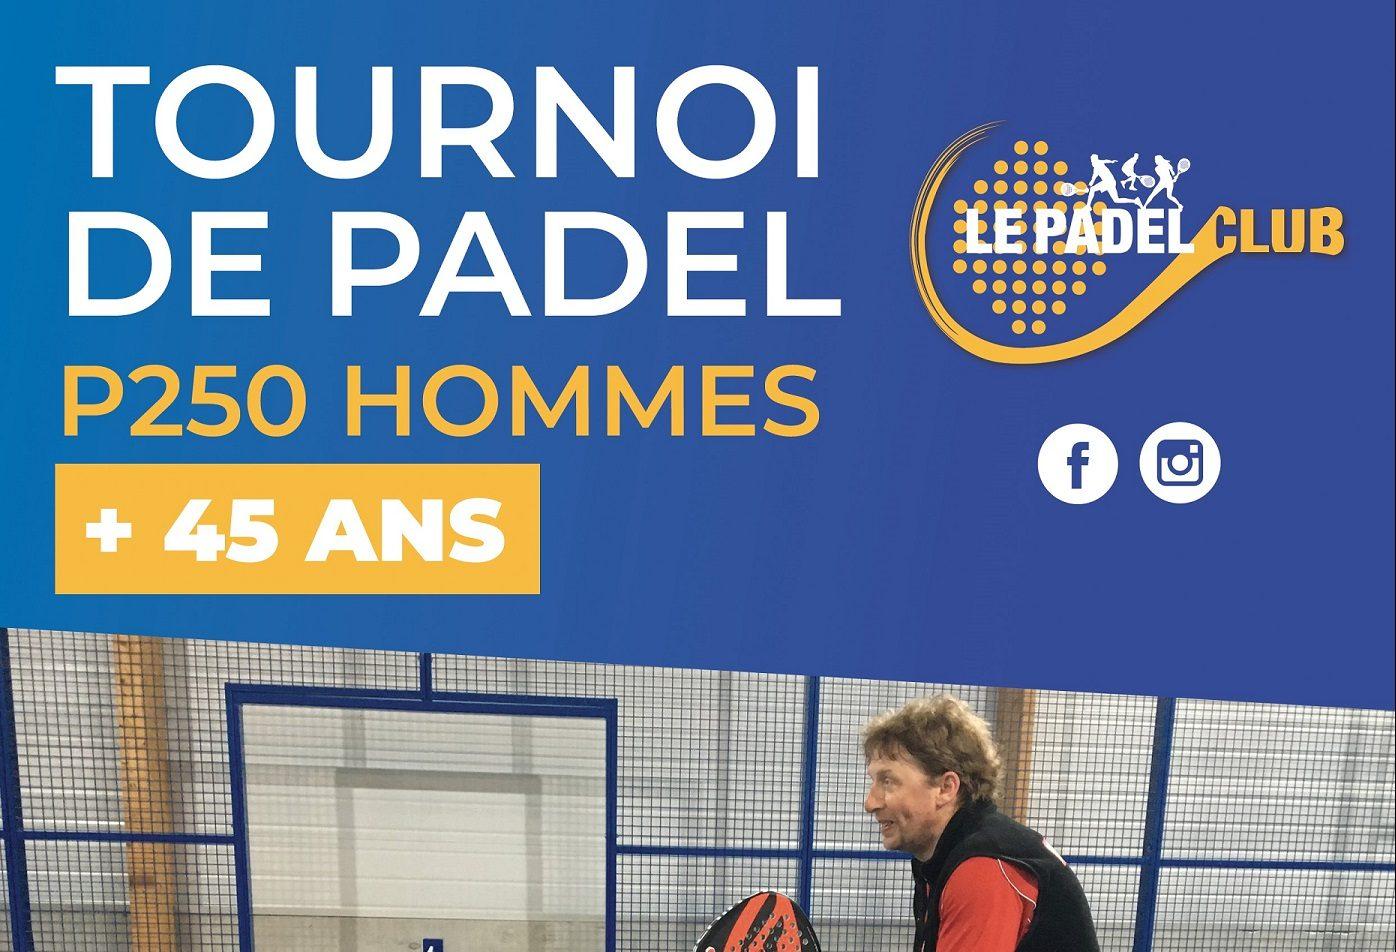 Tournoi de padel +45 ans au Padel Club